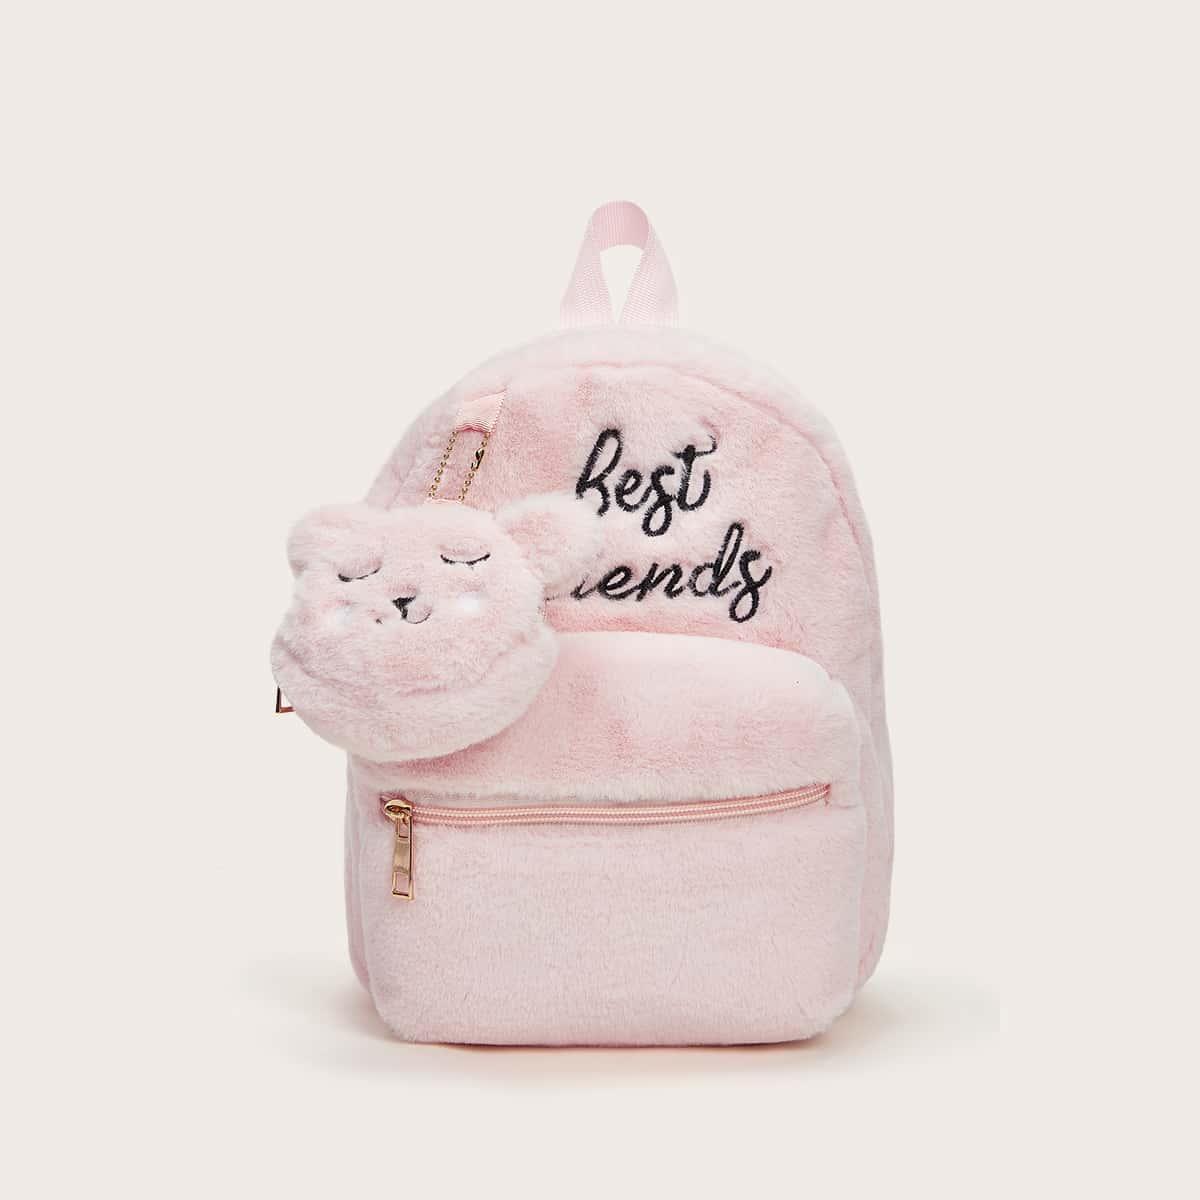 Плюшевый рюкзак с текстовой вышивкой и кошельком